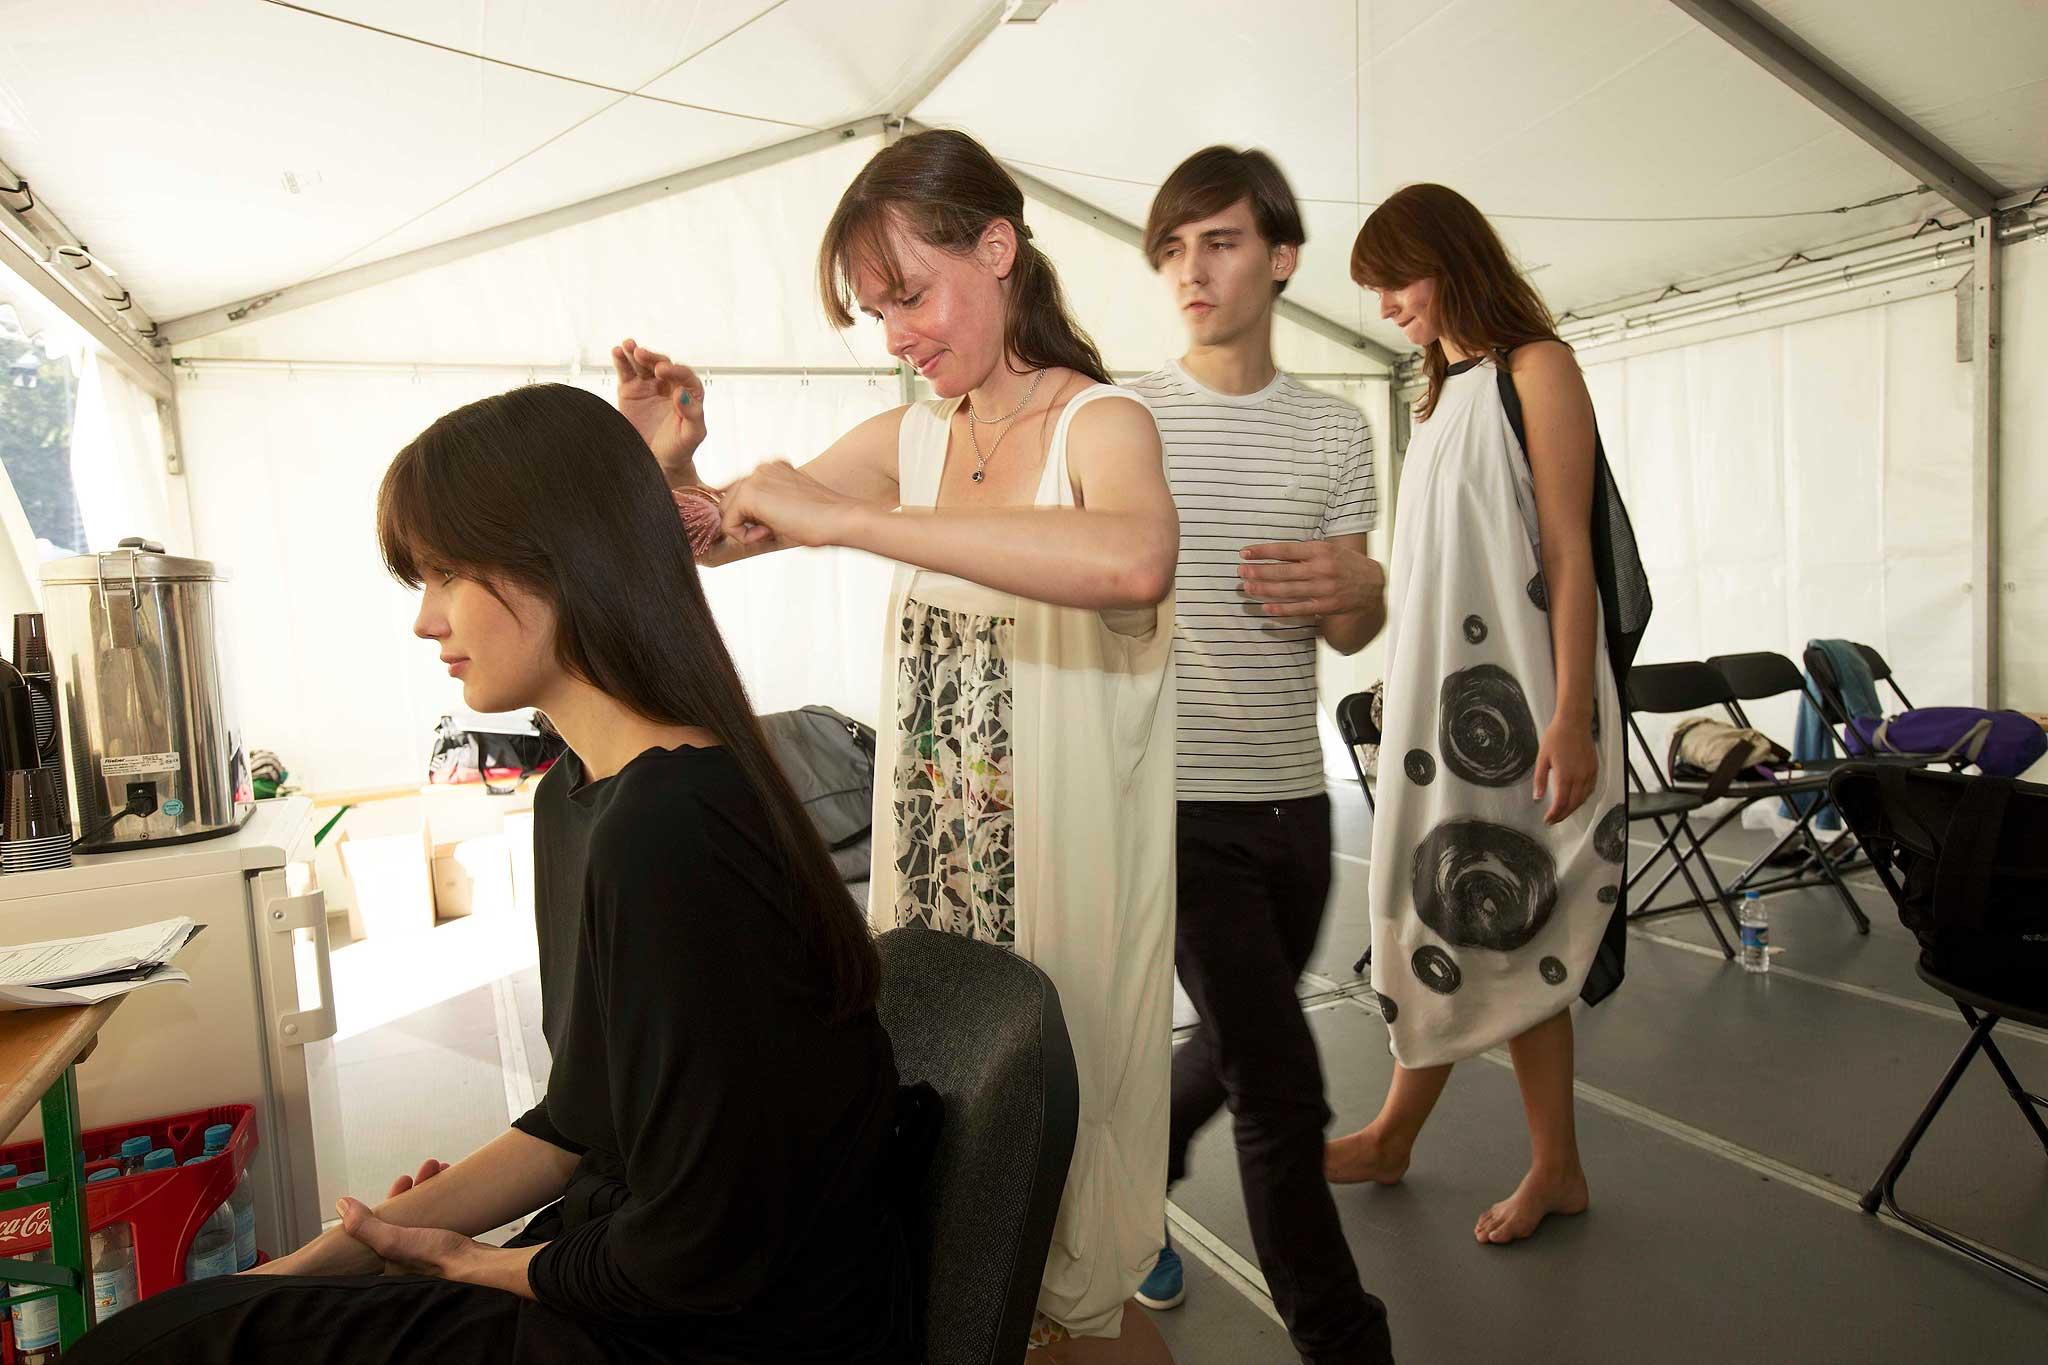 Backstage: von Links: Victoria (Viva Models), Clara Leskovar (c.neeon), Michael Court (Preisträger European Fashion Award) Cosima (Viva Models) in Kleidern von Michael Court.